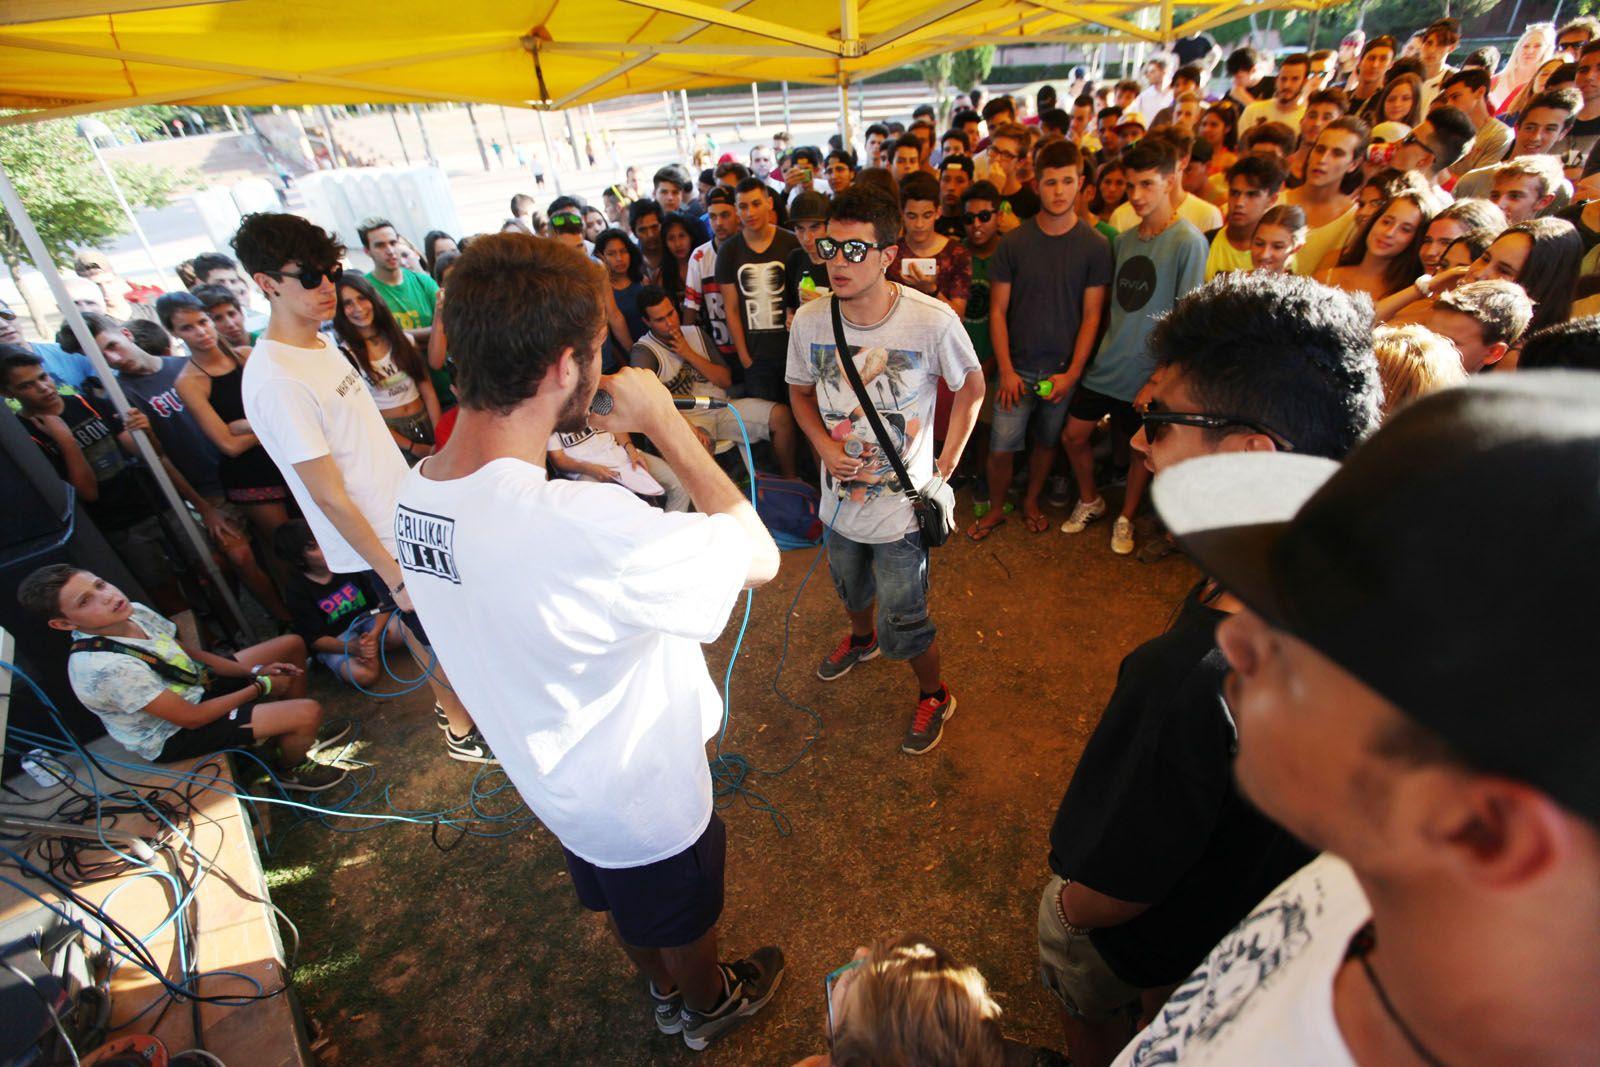 Batalla de galls, competició de rap al Parc Ramon Barnils. FOTOS: Lali Puig